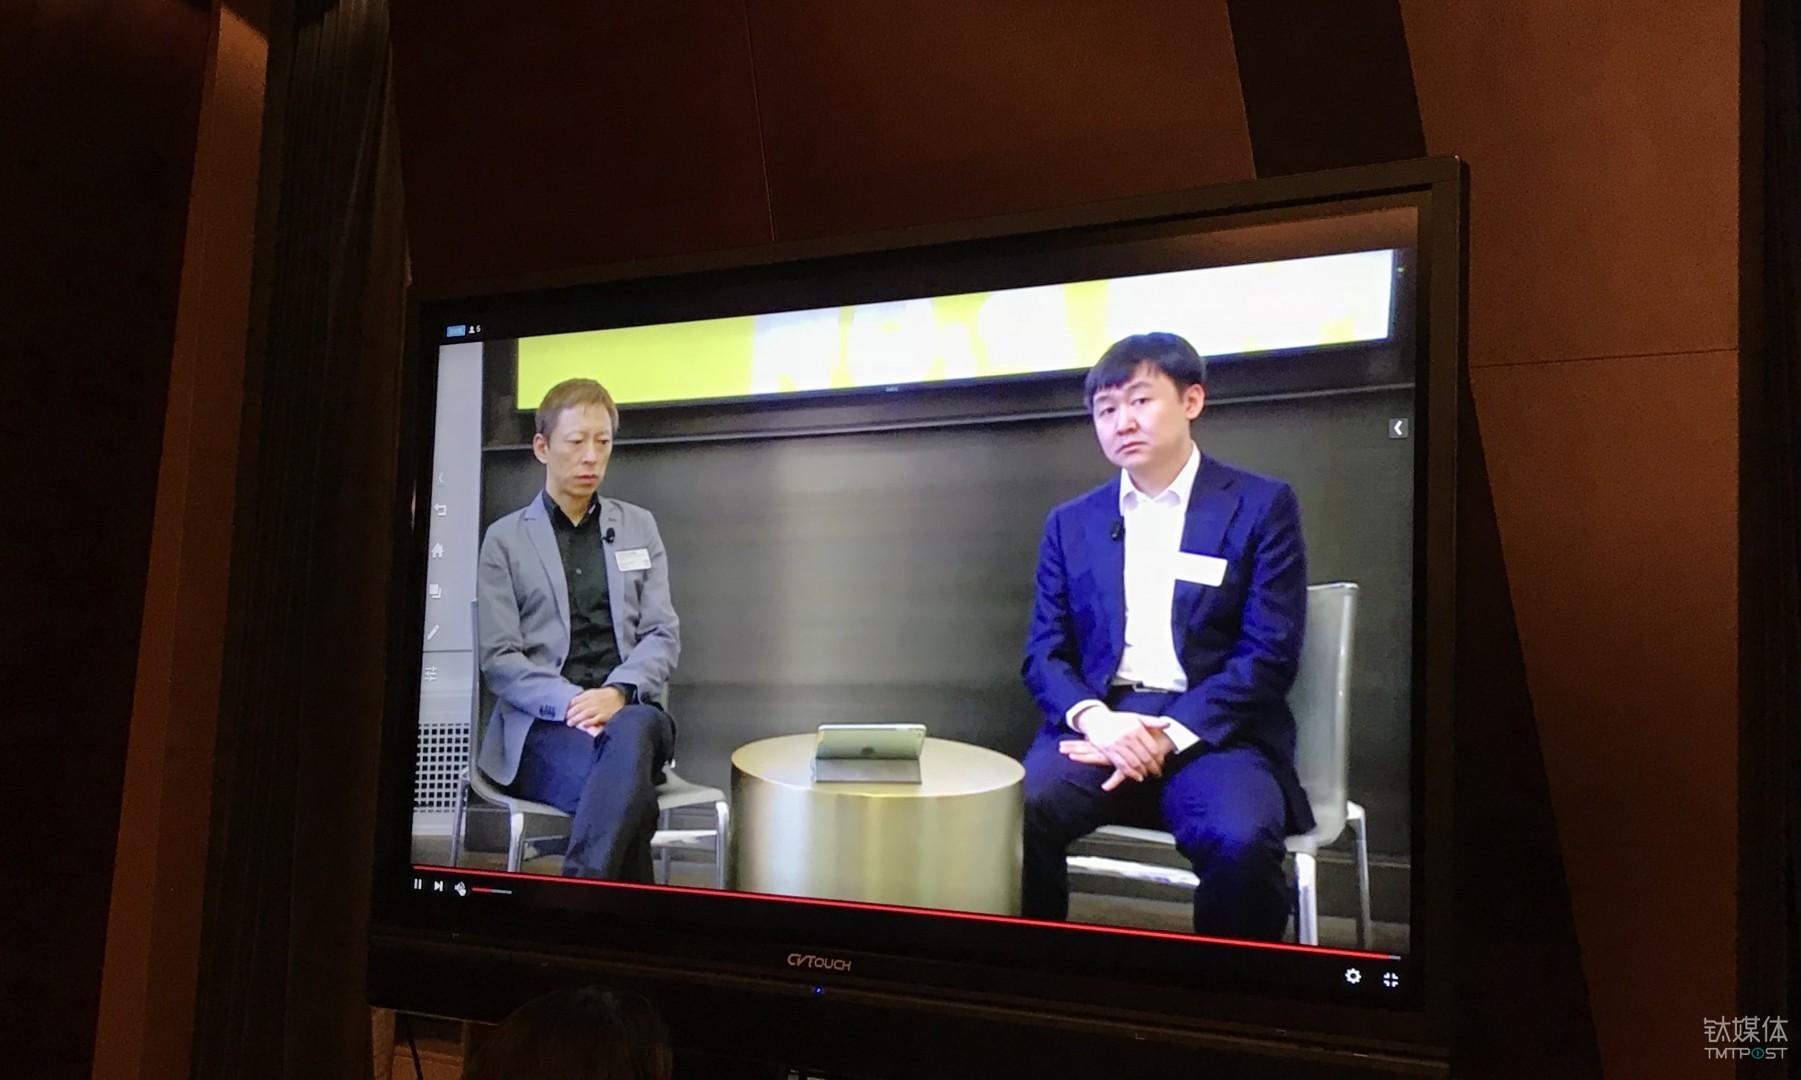 张朝阳和王小川在纽交所敲钟前远程接受采访